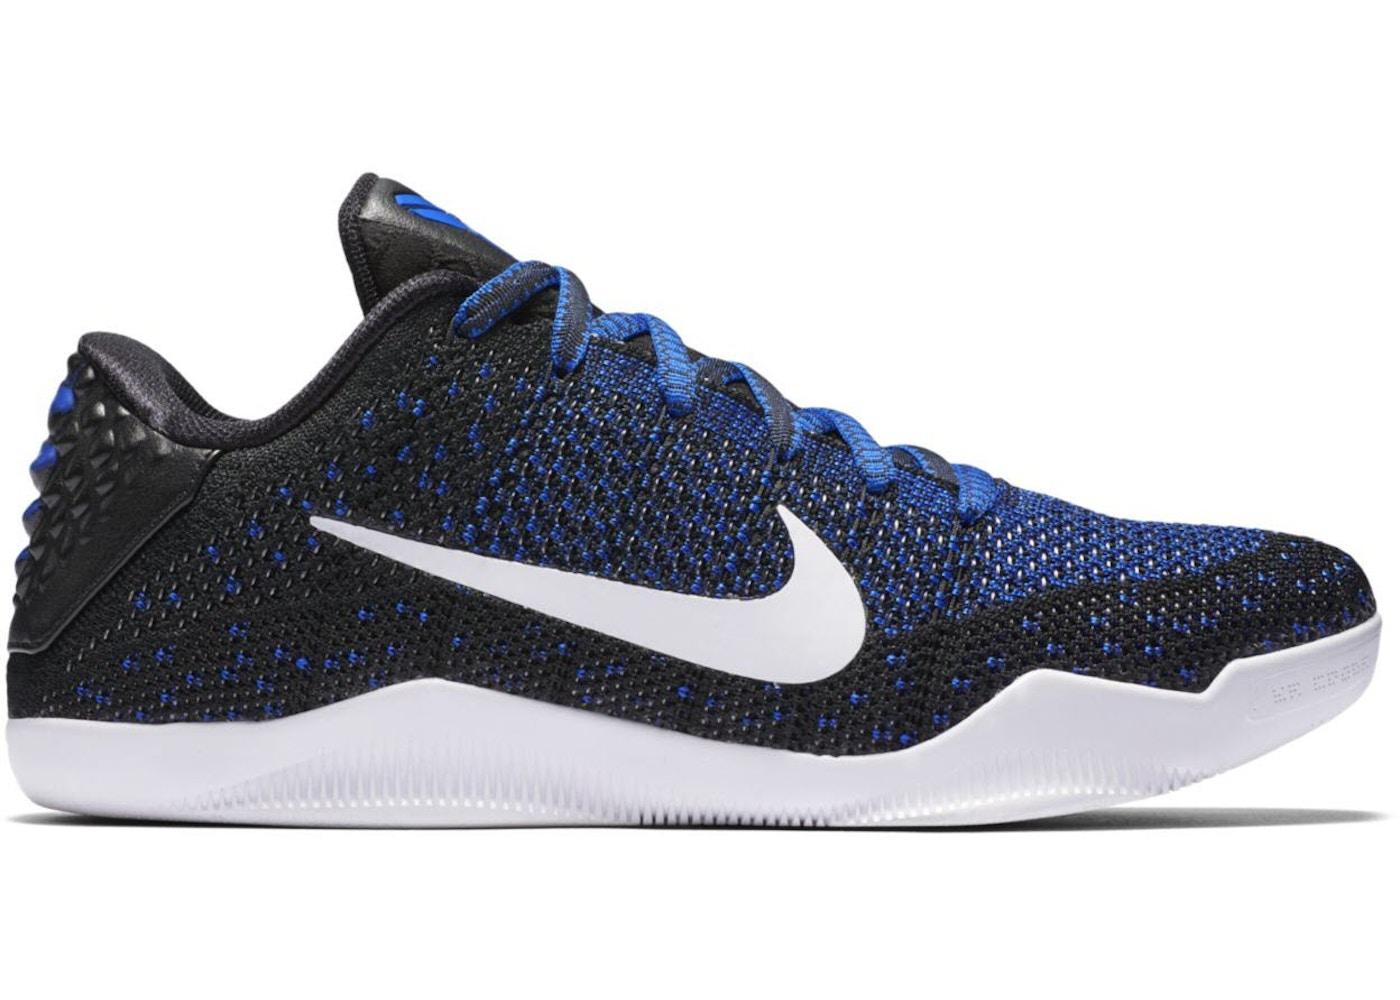 02e3d76f5e1 Buy Nike Kobe Shoes & Deadstock Sneakers